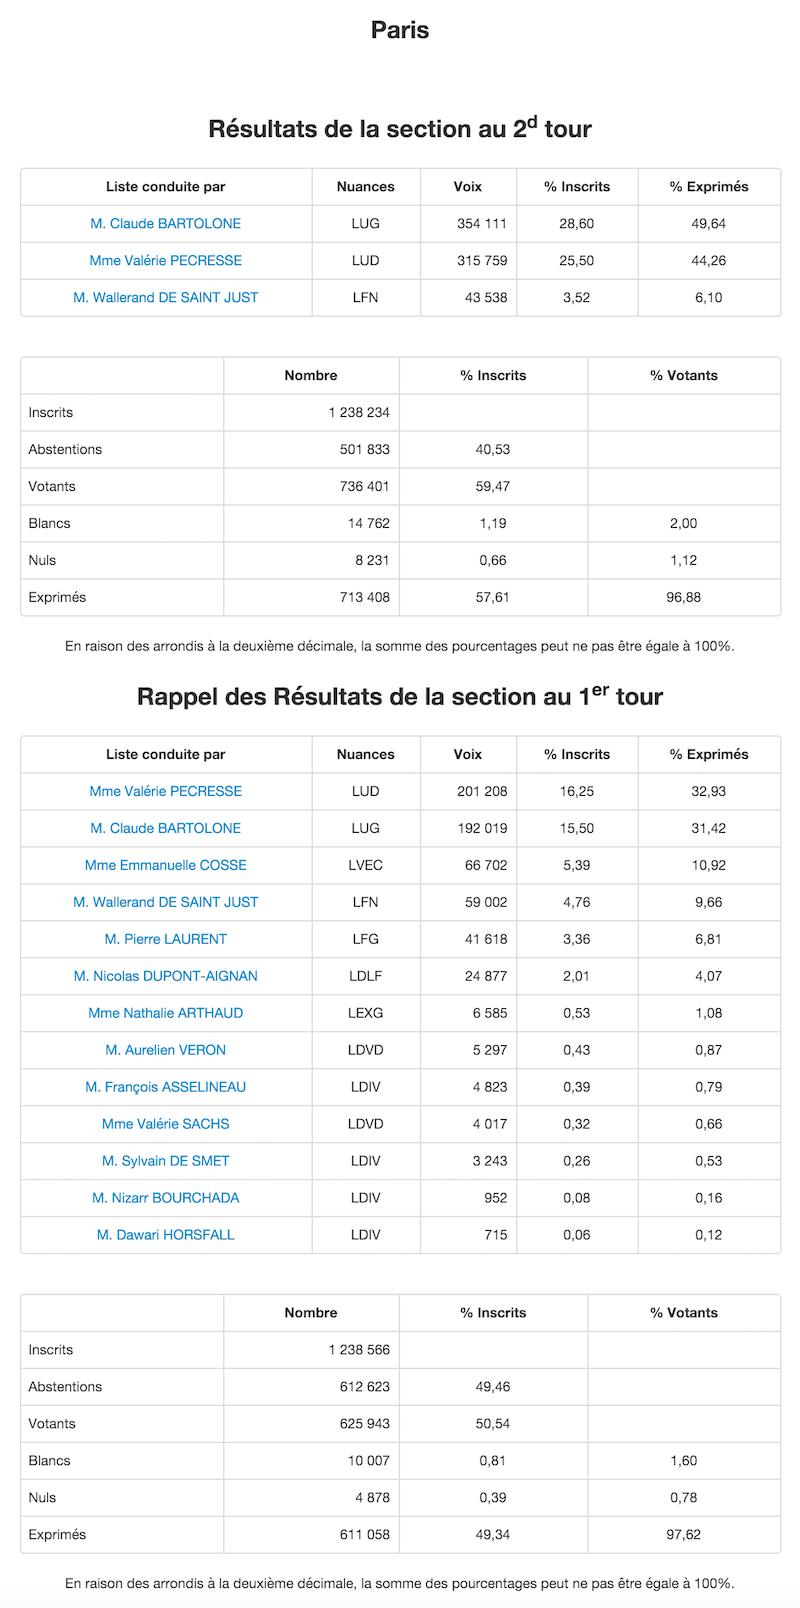 Régionales 2015 et 2010 dans le 18e arrondissement de Paris